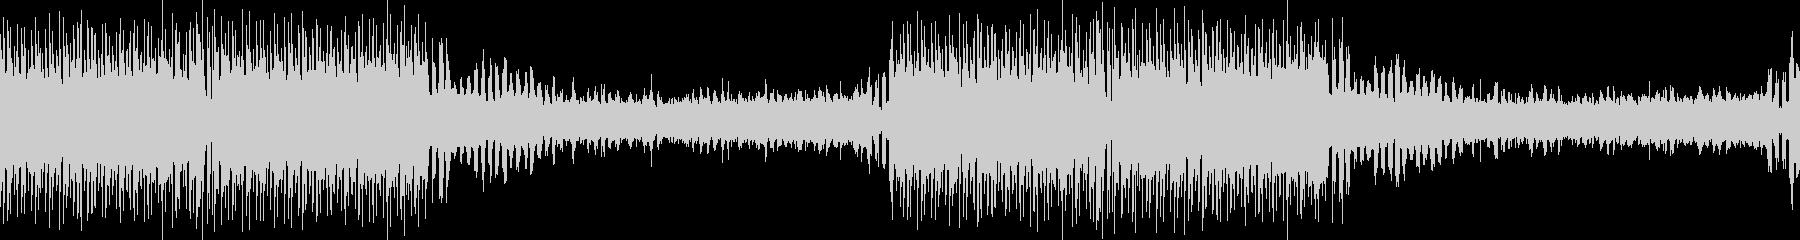 Powerful/Fun/Bright/Sports EDM's unreproduced waveform